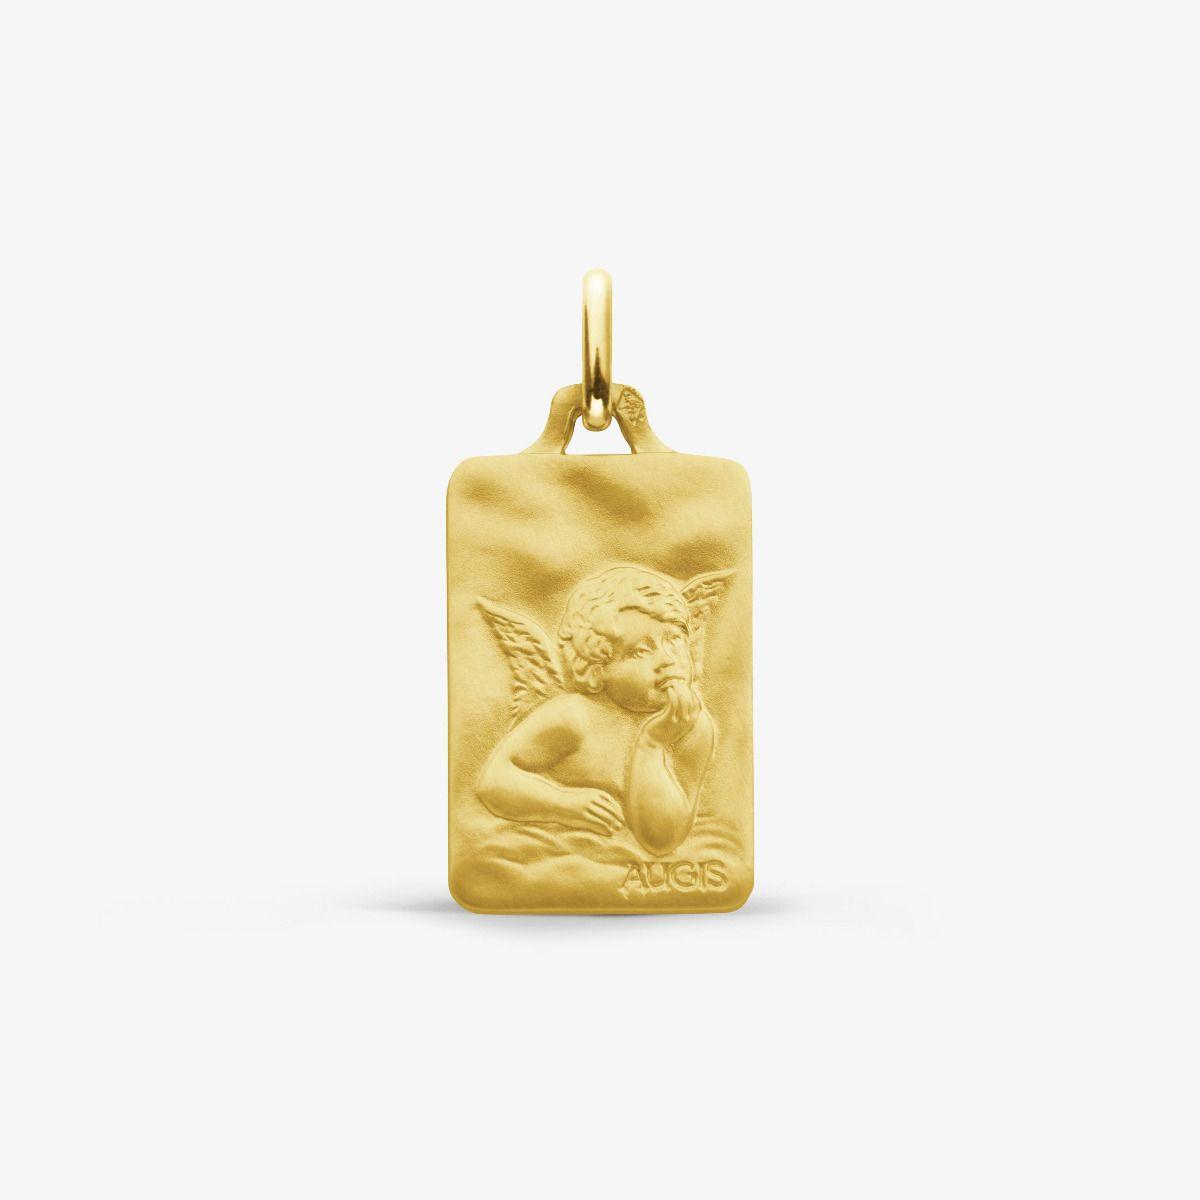 Médaille Ange de Raphaël Or Jaune 18 carats - 16 mm